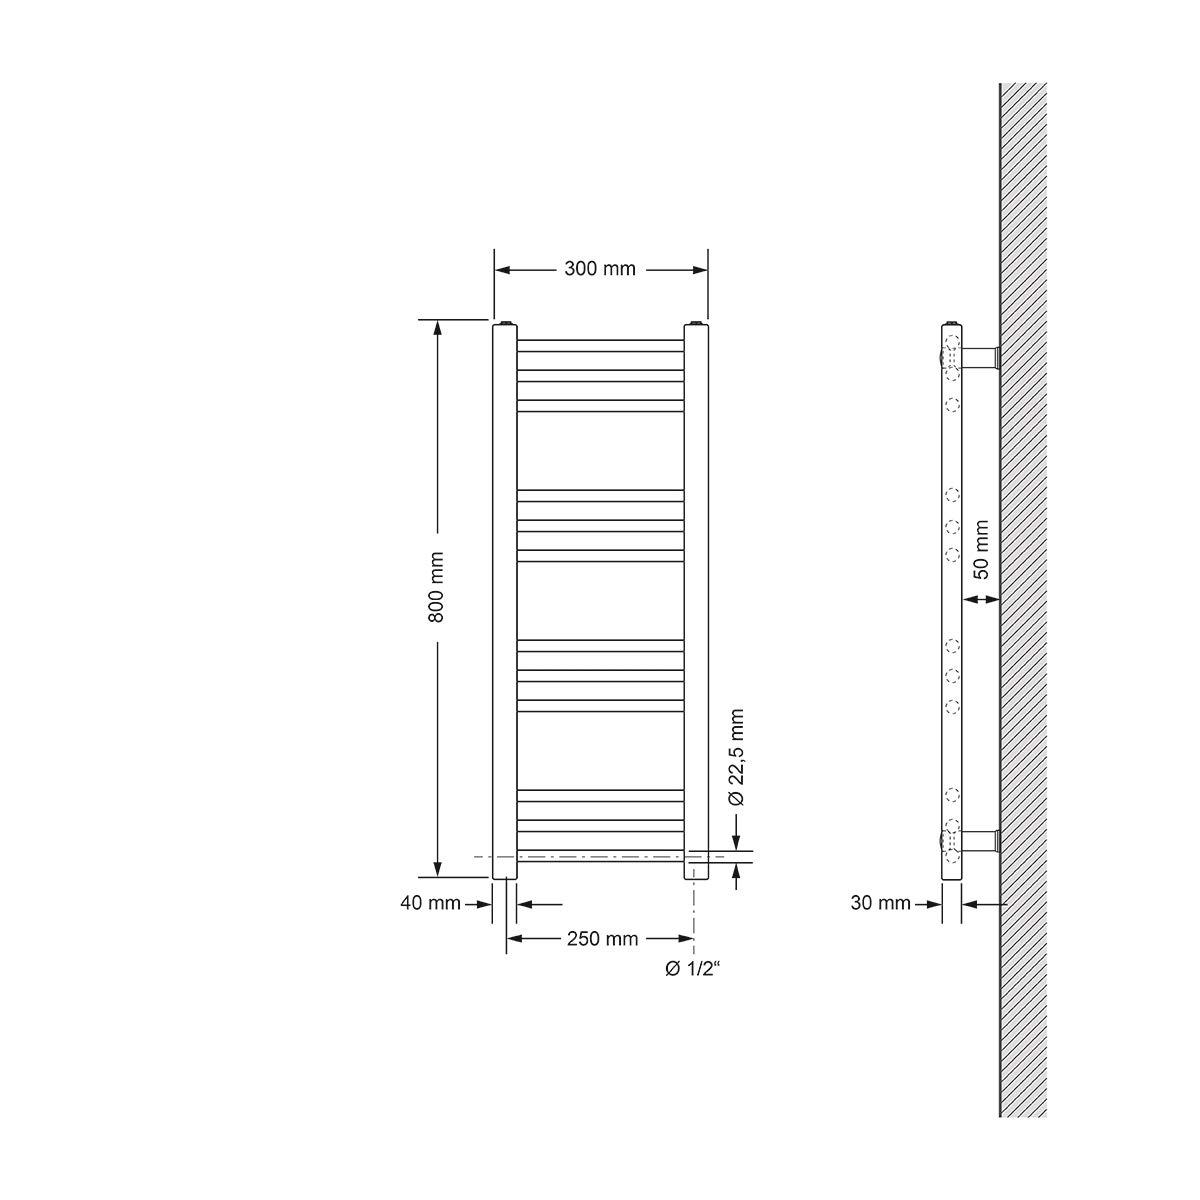 Dise/ño Plano Diferentes tama/ños y modelos 300 x 800 mm 300W ECD Germany Radiador toallero el/éctrico Radiadores para ba/ños